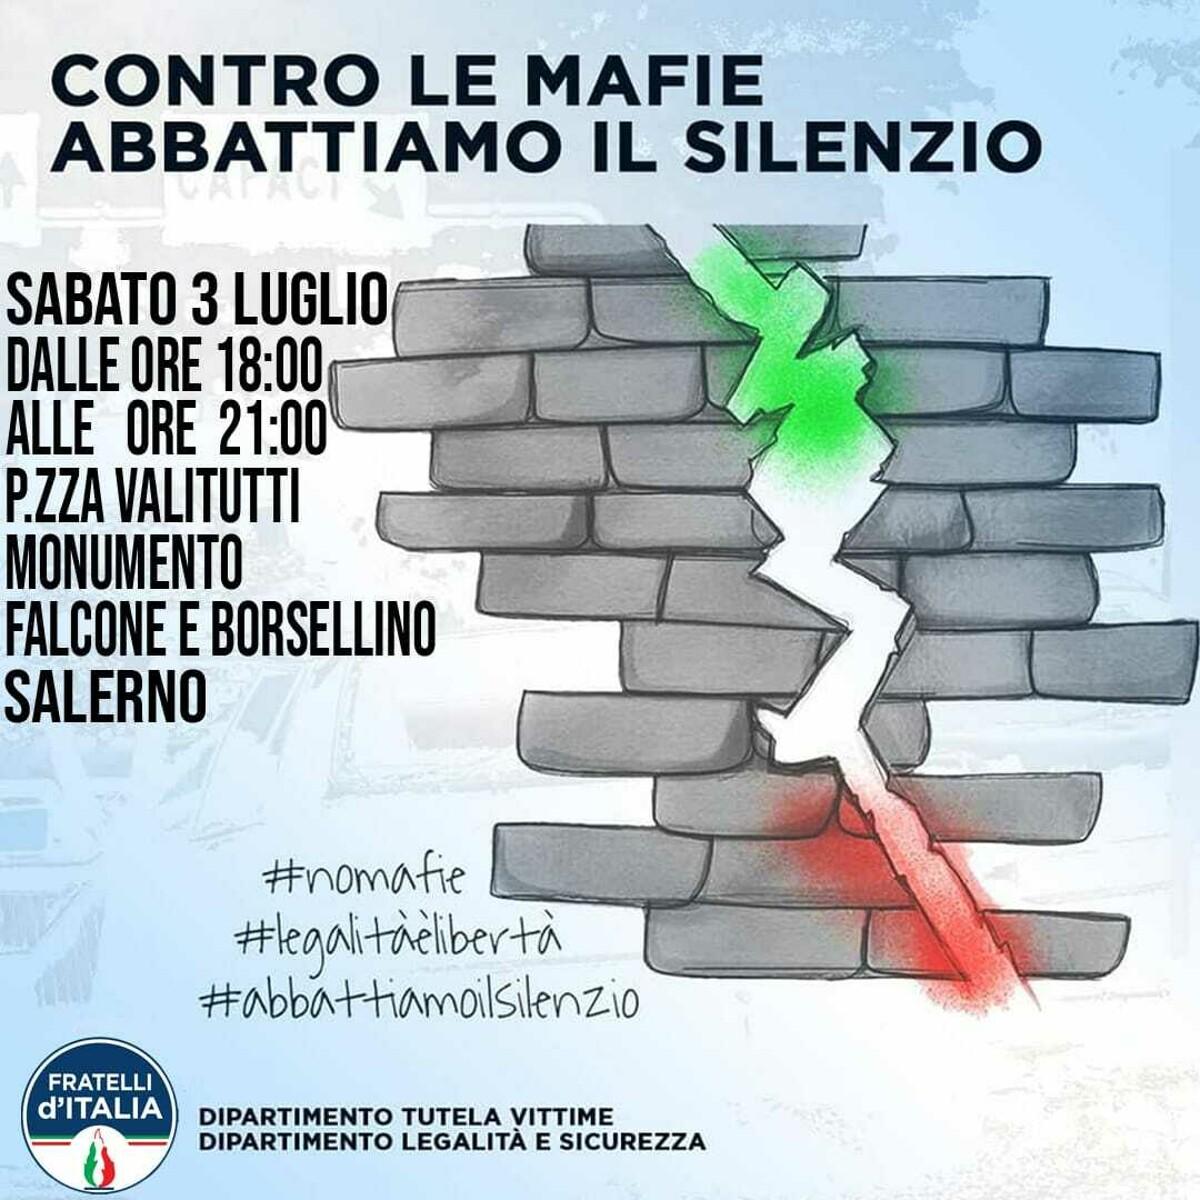 Onda tricolore a Salerno, Fratelli d'Italia scende in piazza contro le mafie